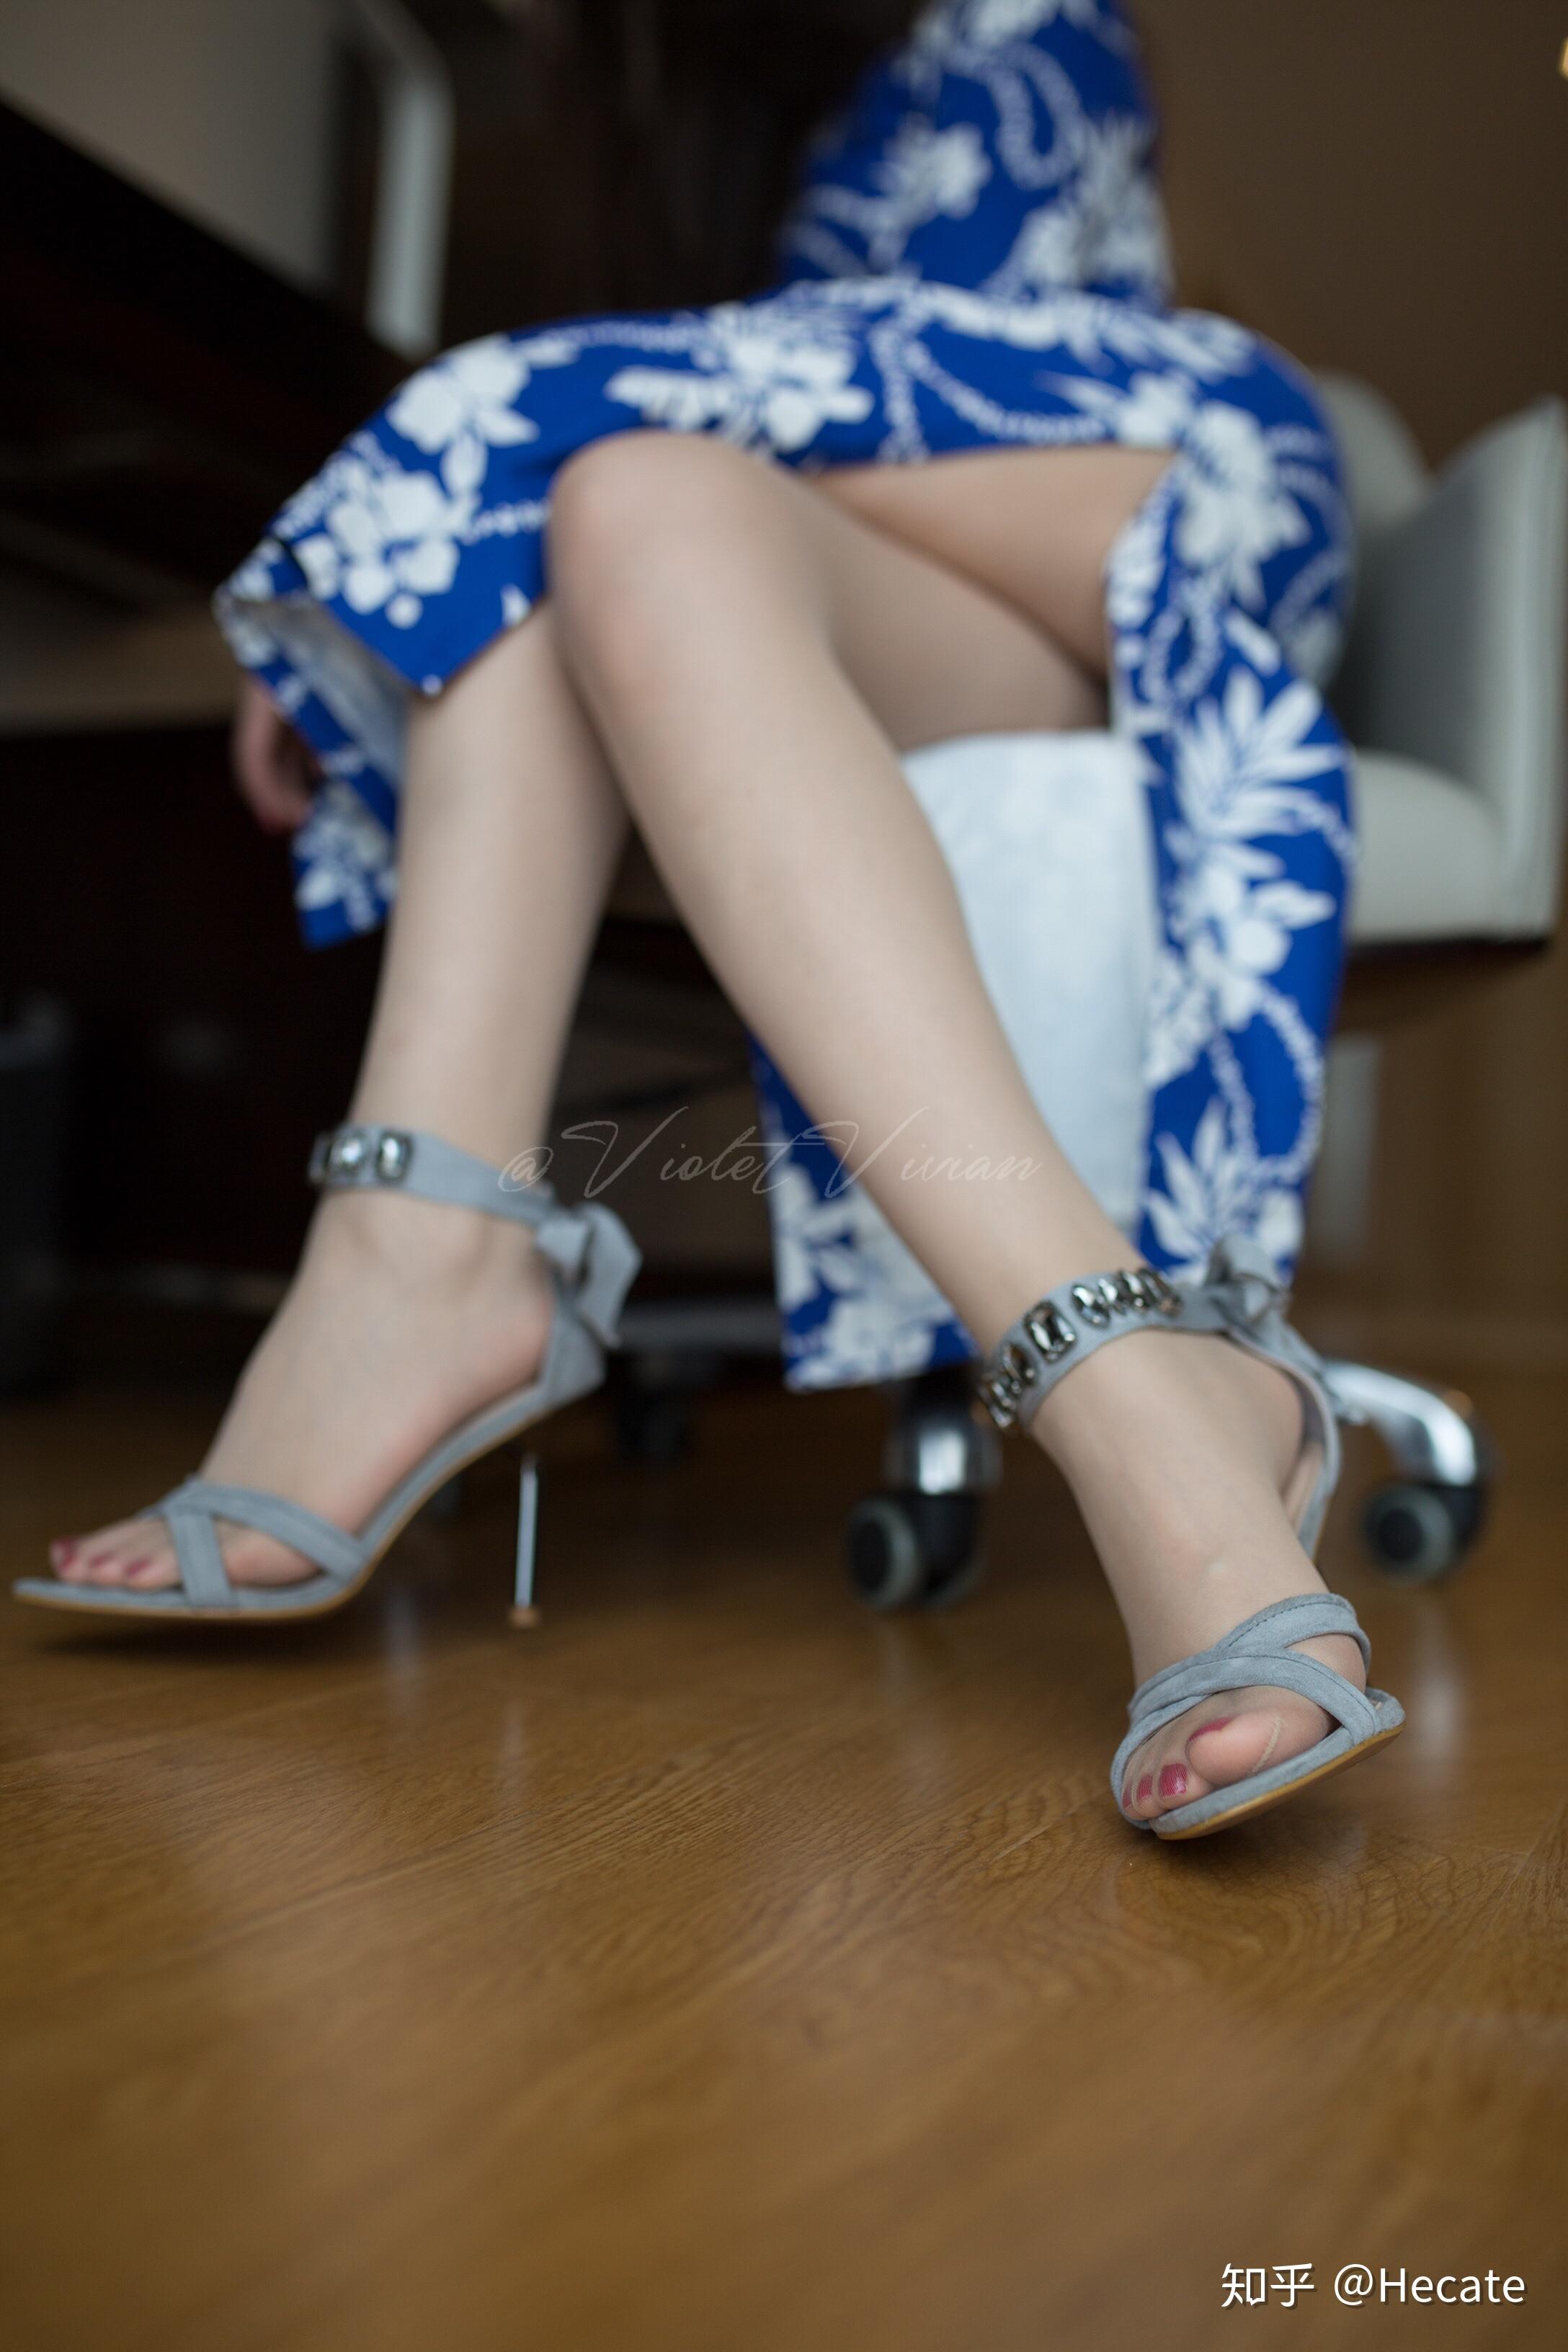 射妈妈的高跟鞋_肉色丝袜是五花肉色的_妈妈的肉色丝袜_肉色丝袜 旗袍_肉色丝袜 ...